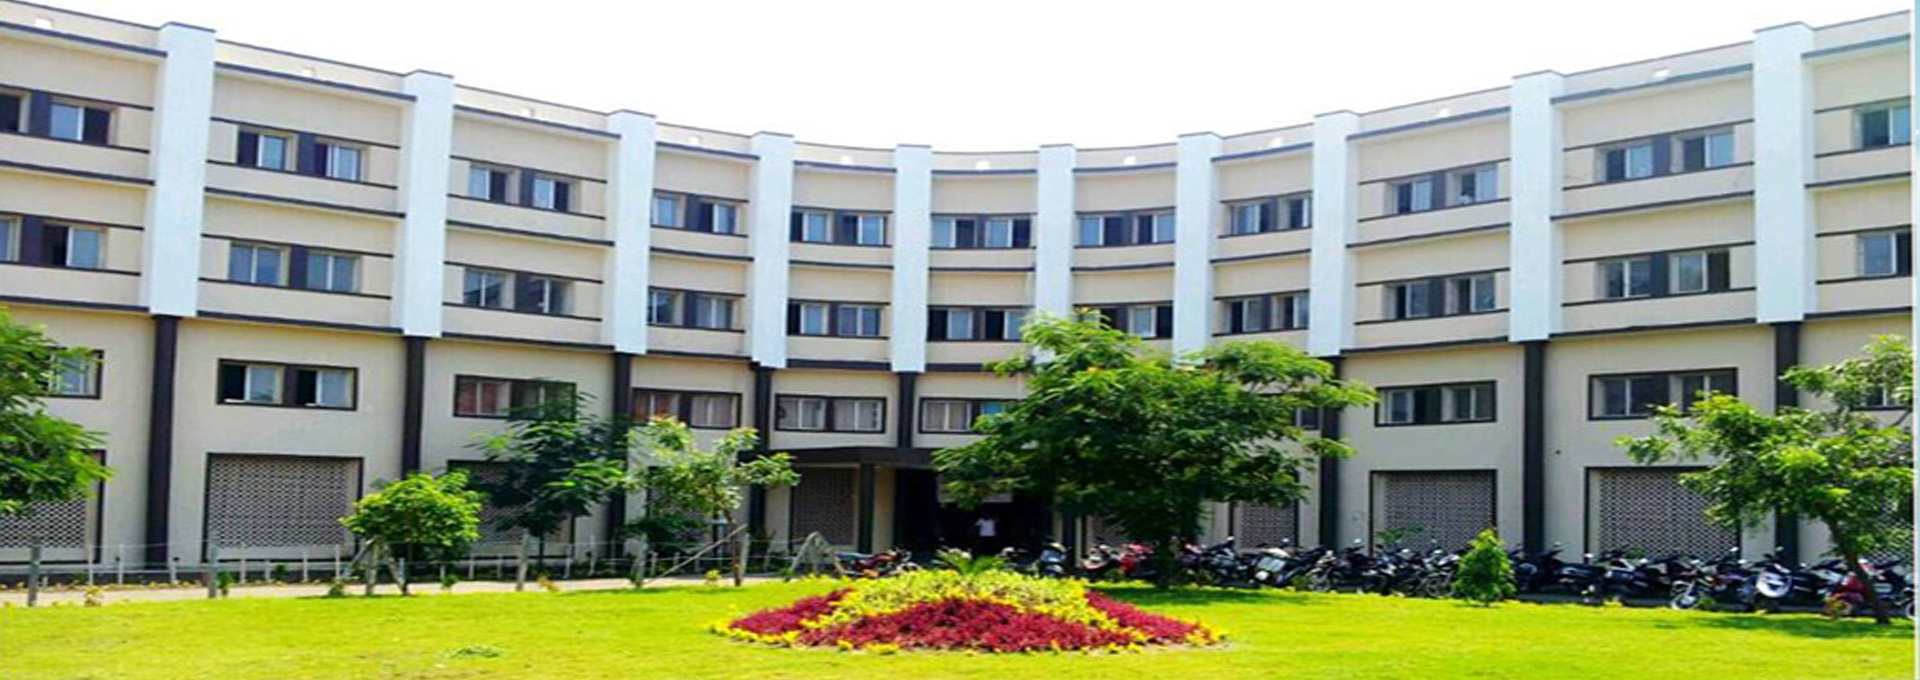 Smt. Radhikabai Meghe Memorial College of Nursing, Wardha Image